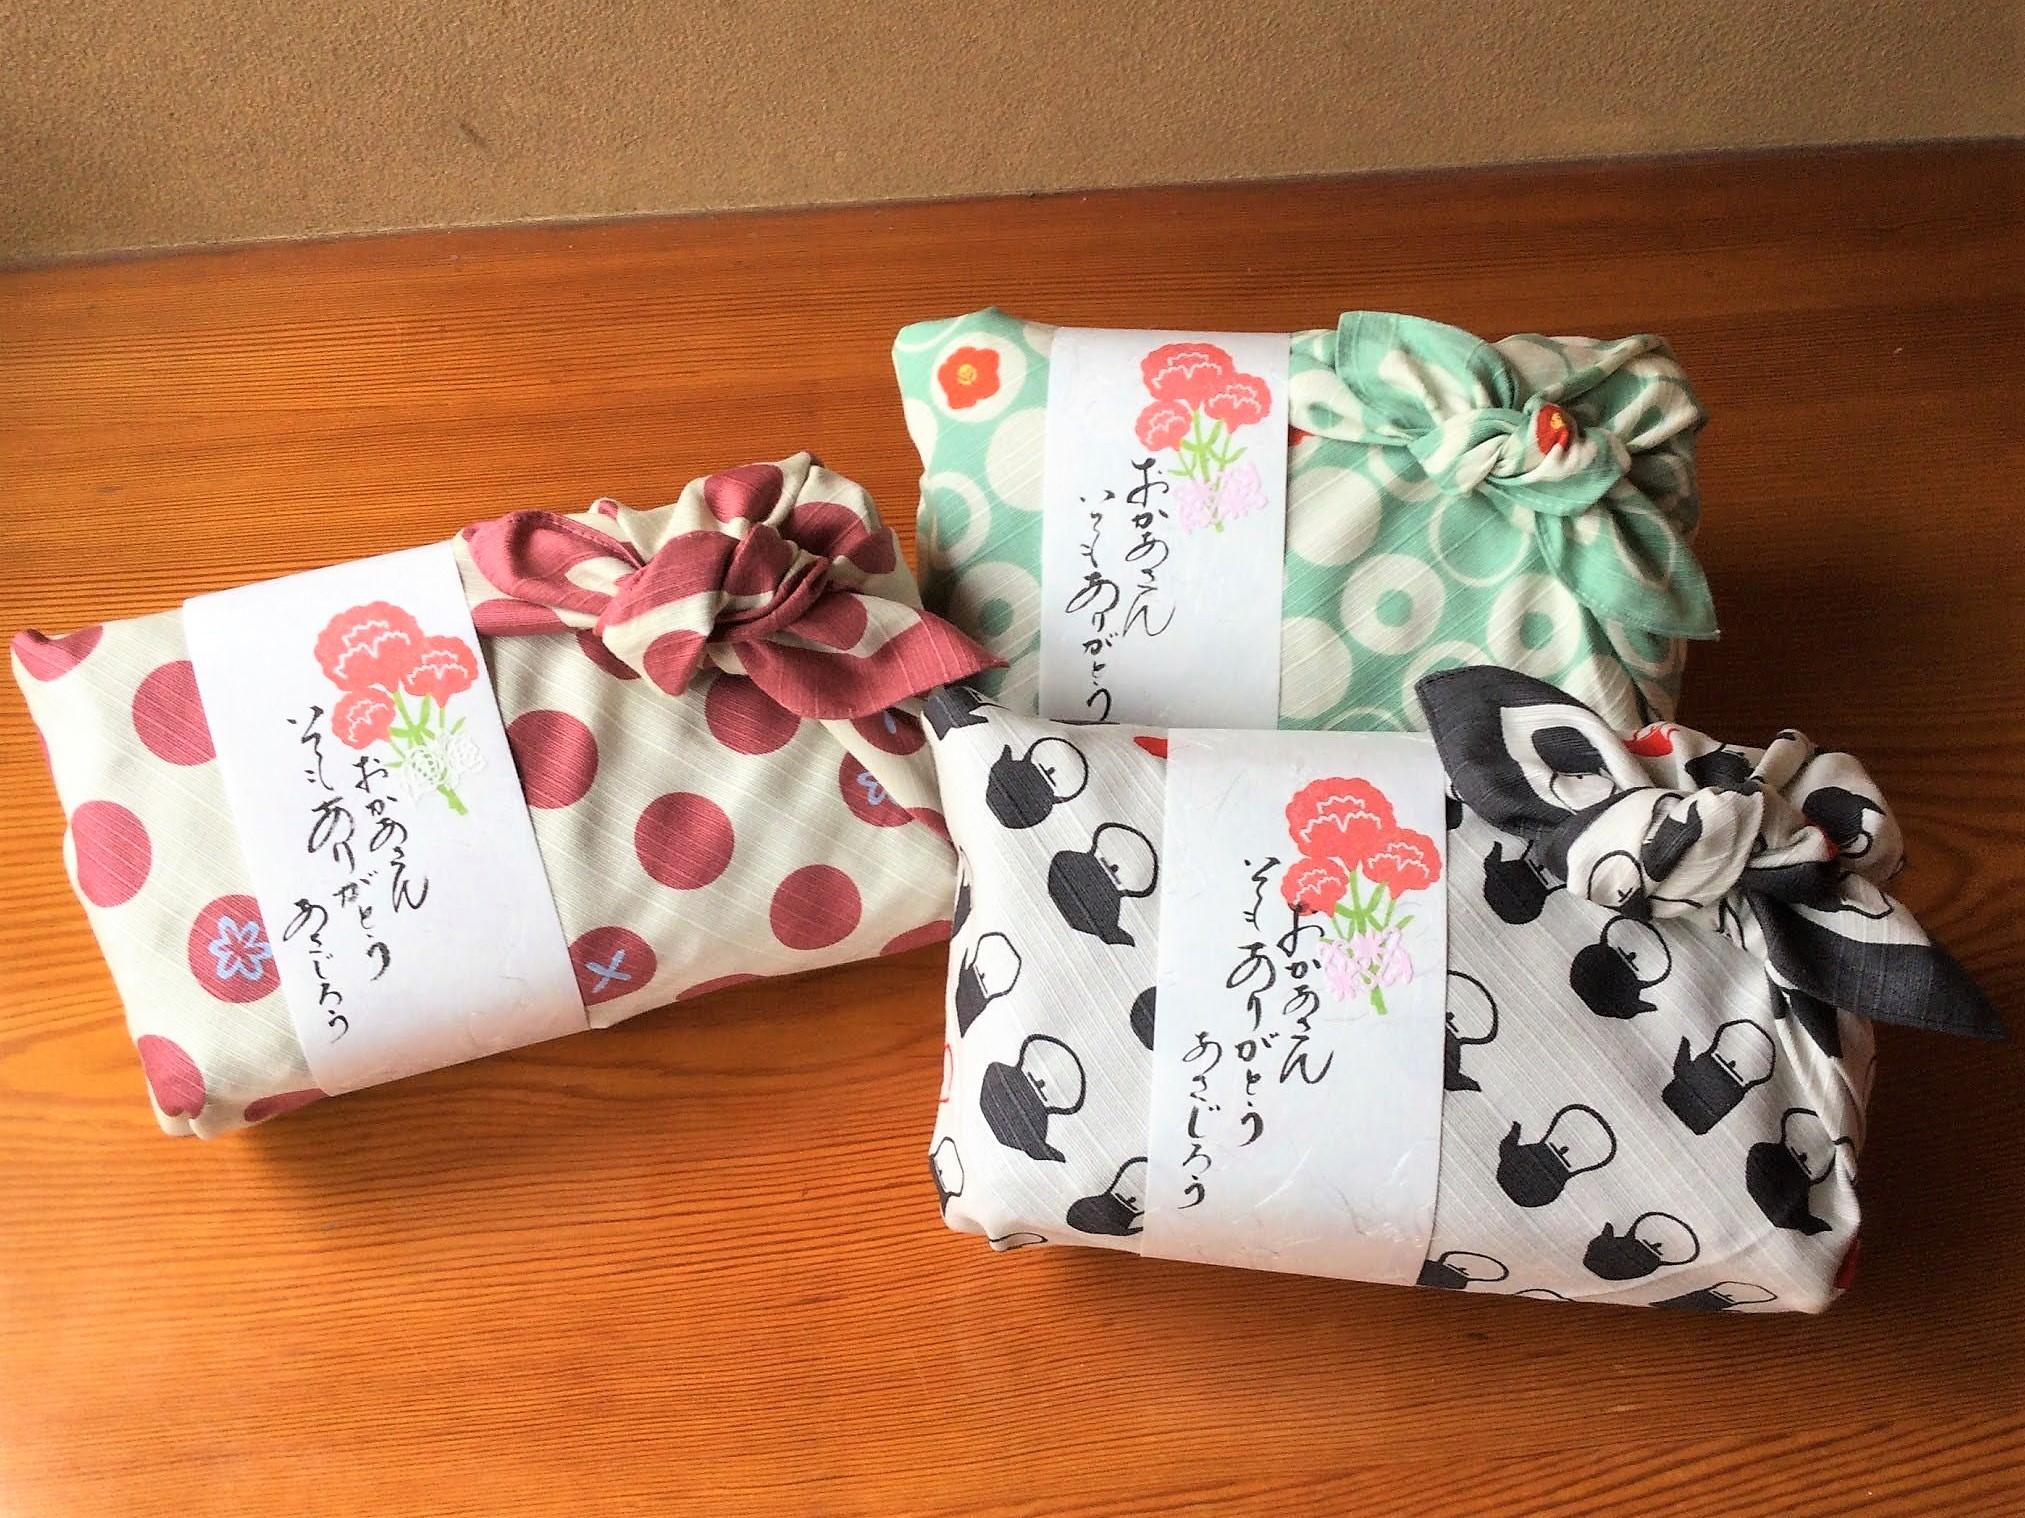 【お陰様で完売いたしました】【母の日の贈り物】漬物屋の娘厳選!サステナブルなパッケージで贈る母の日ギフト